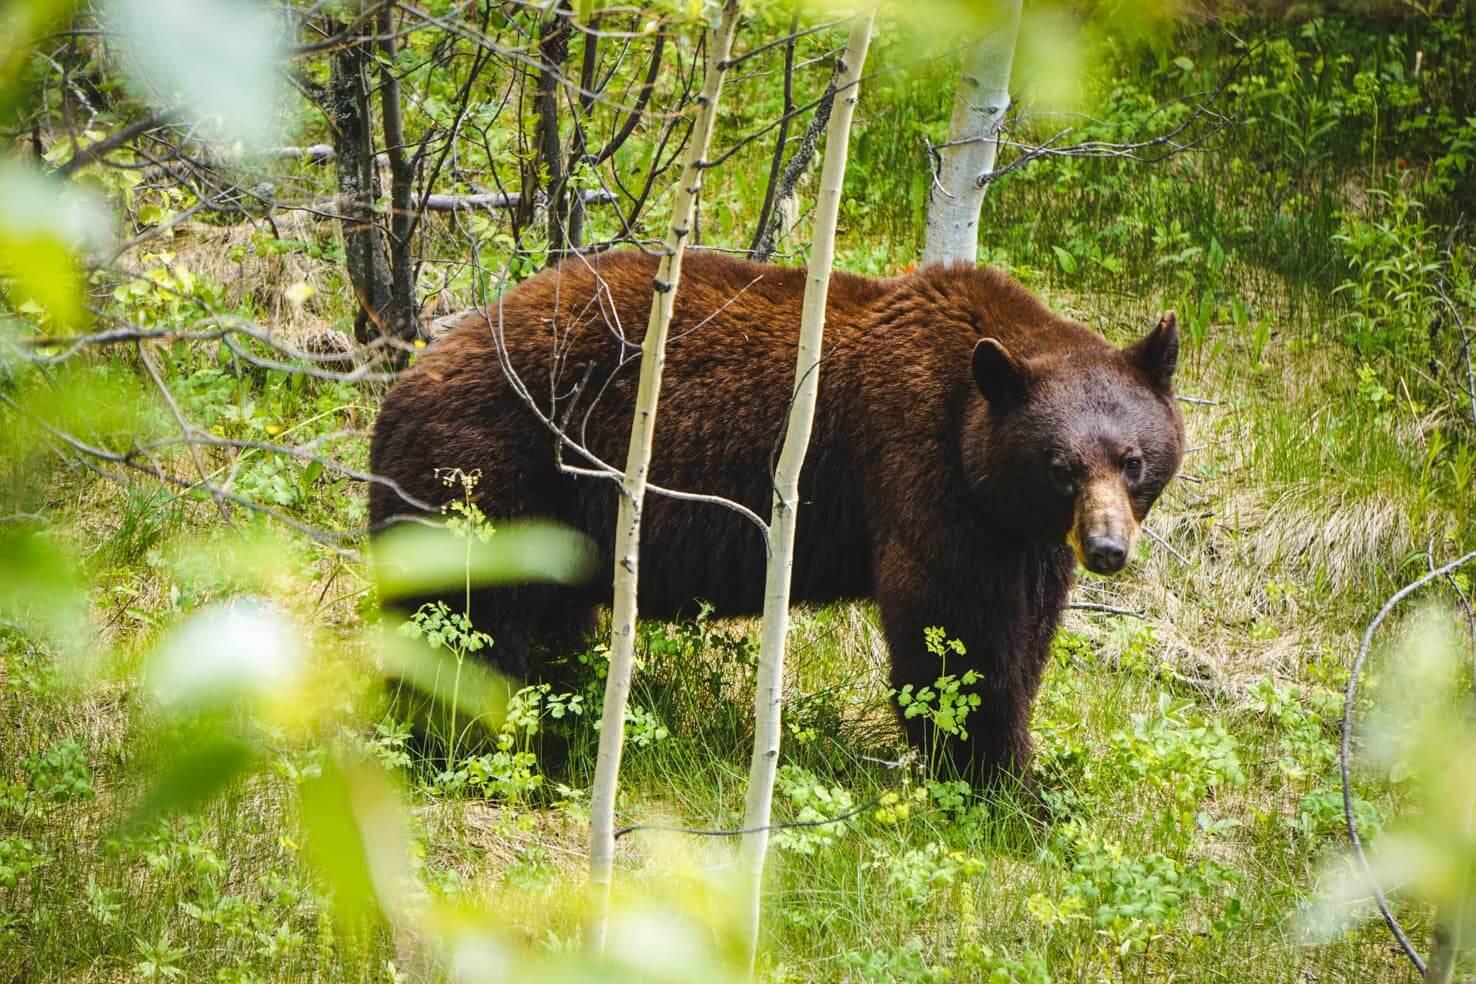 Adventure travel guide to Jasper National Park - Cinnamon bear in Jasper